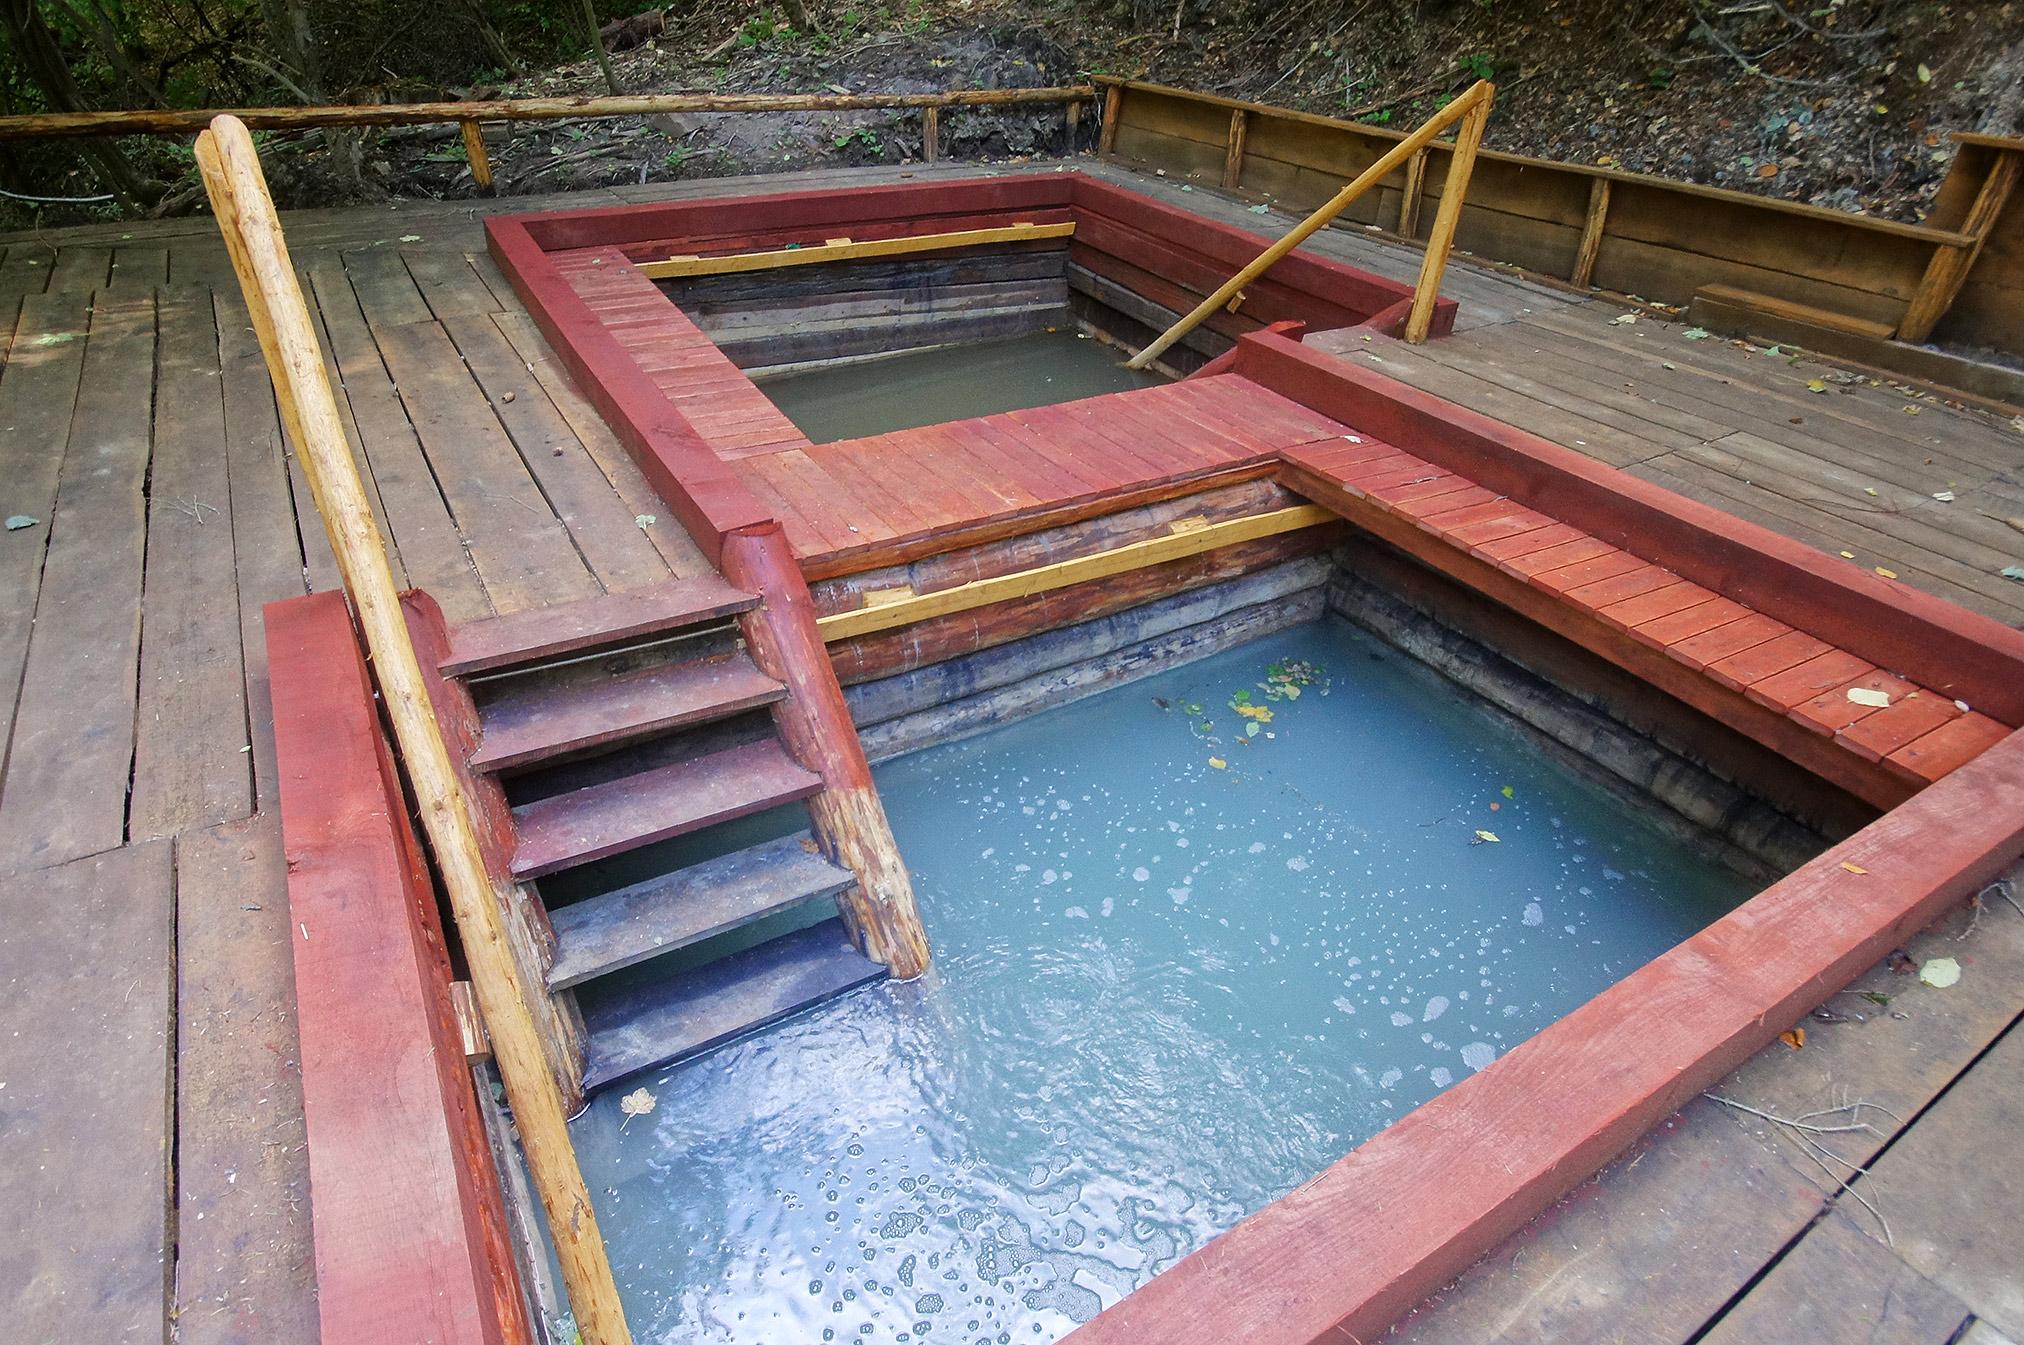 Kąpieliska lecznicze w Górach Bodoc – Balavanyos